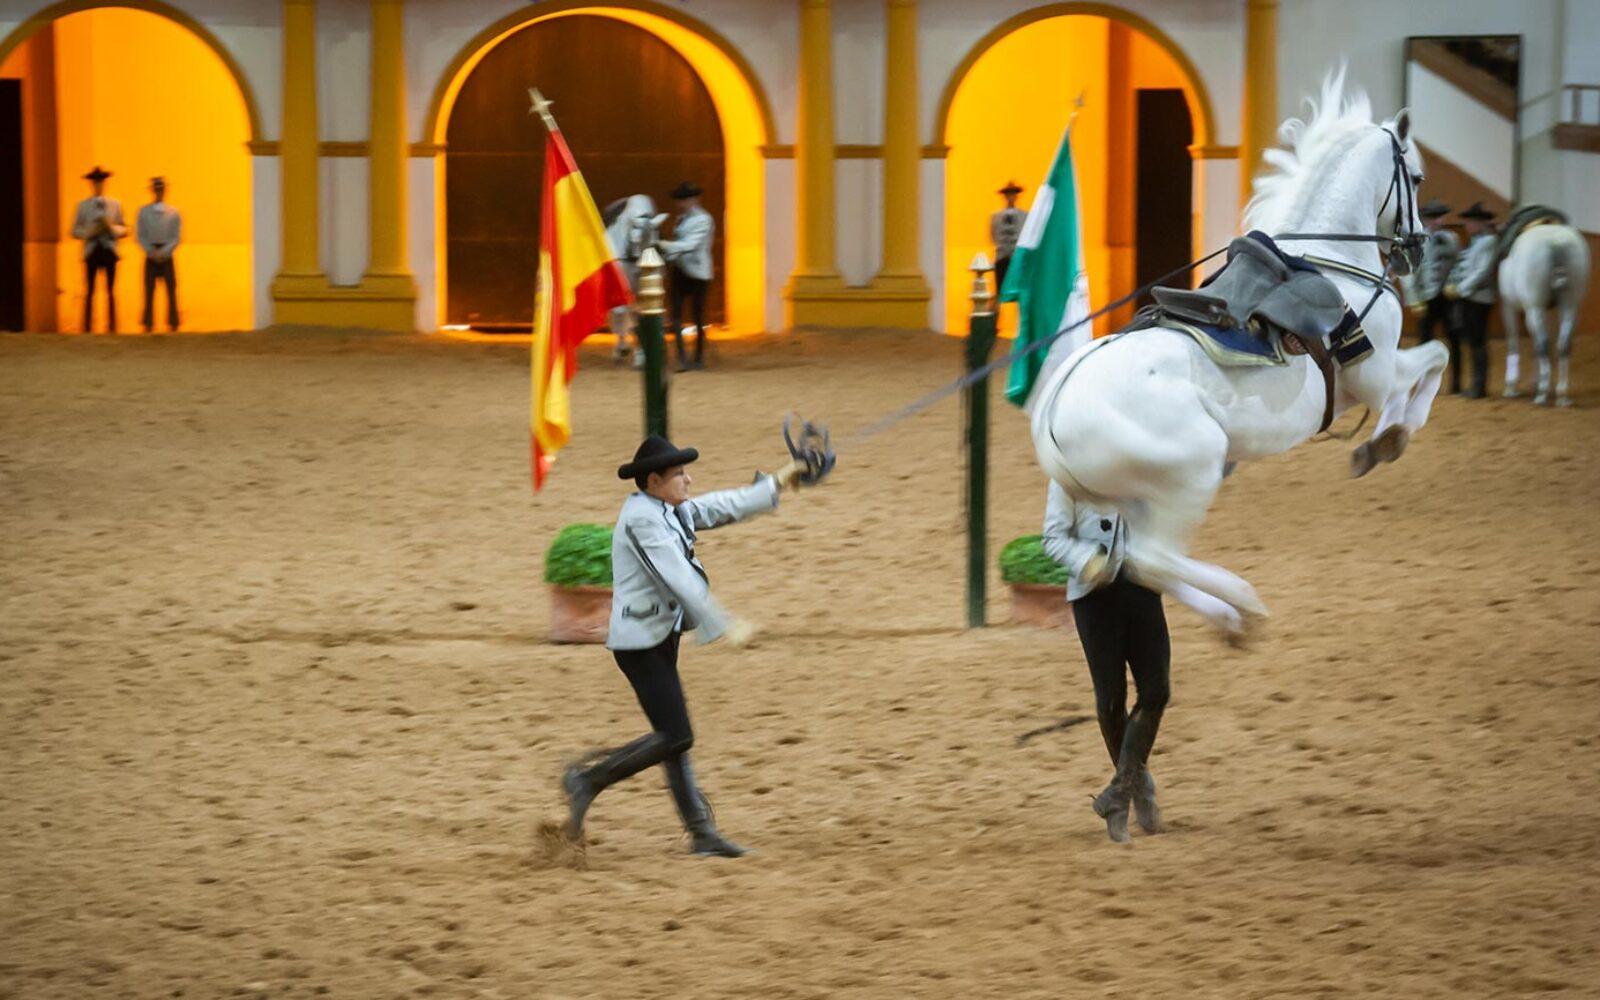 Til dans med de andalusiske heste - rideskolen i Jerez de la Frontera, Andalusien, Spanien